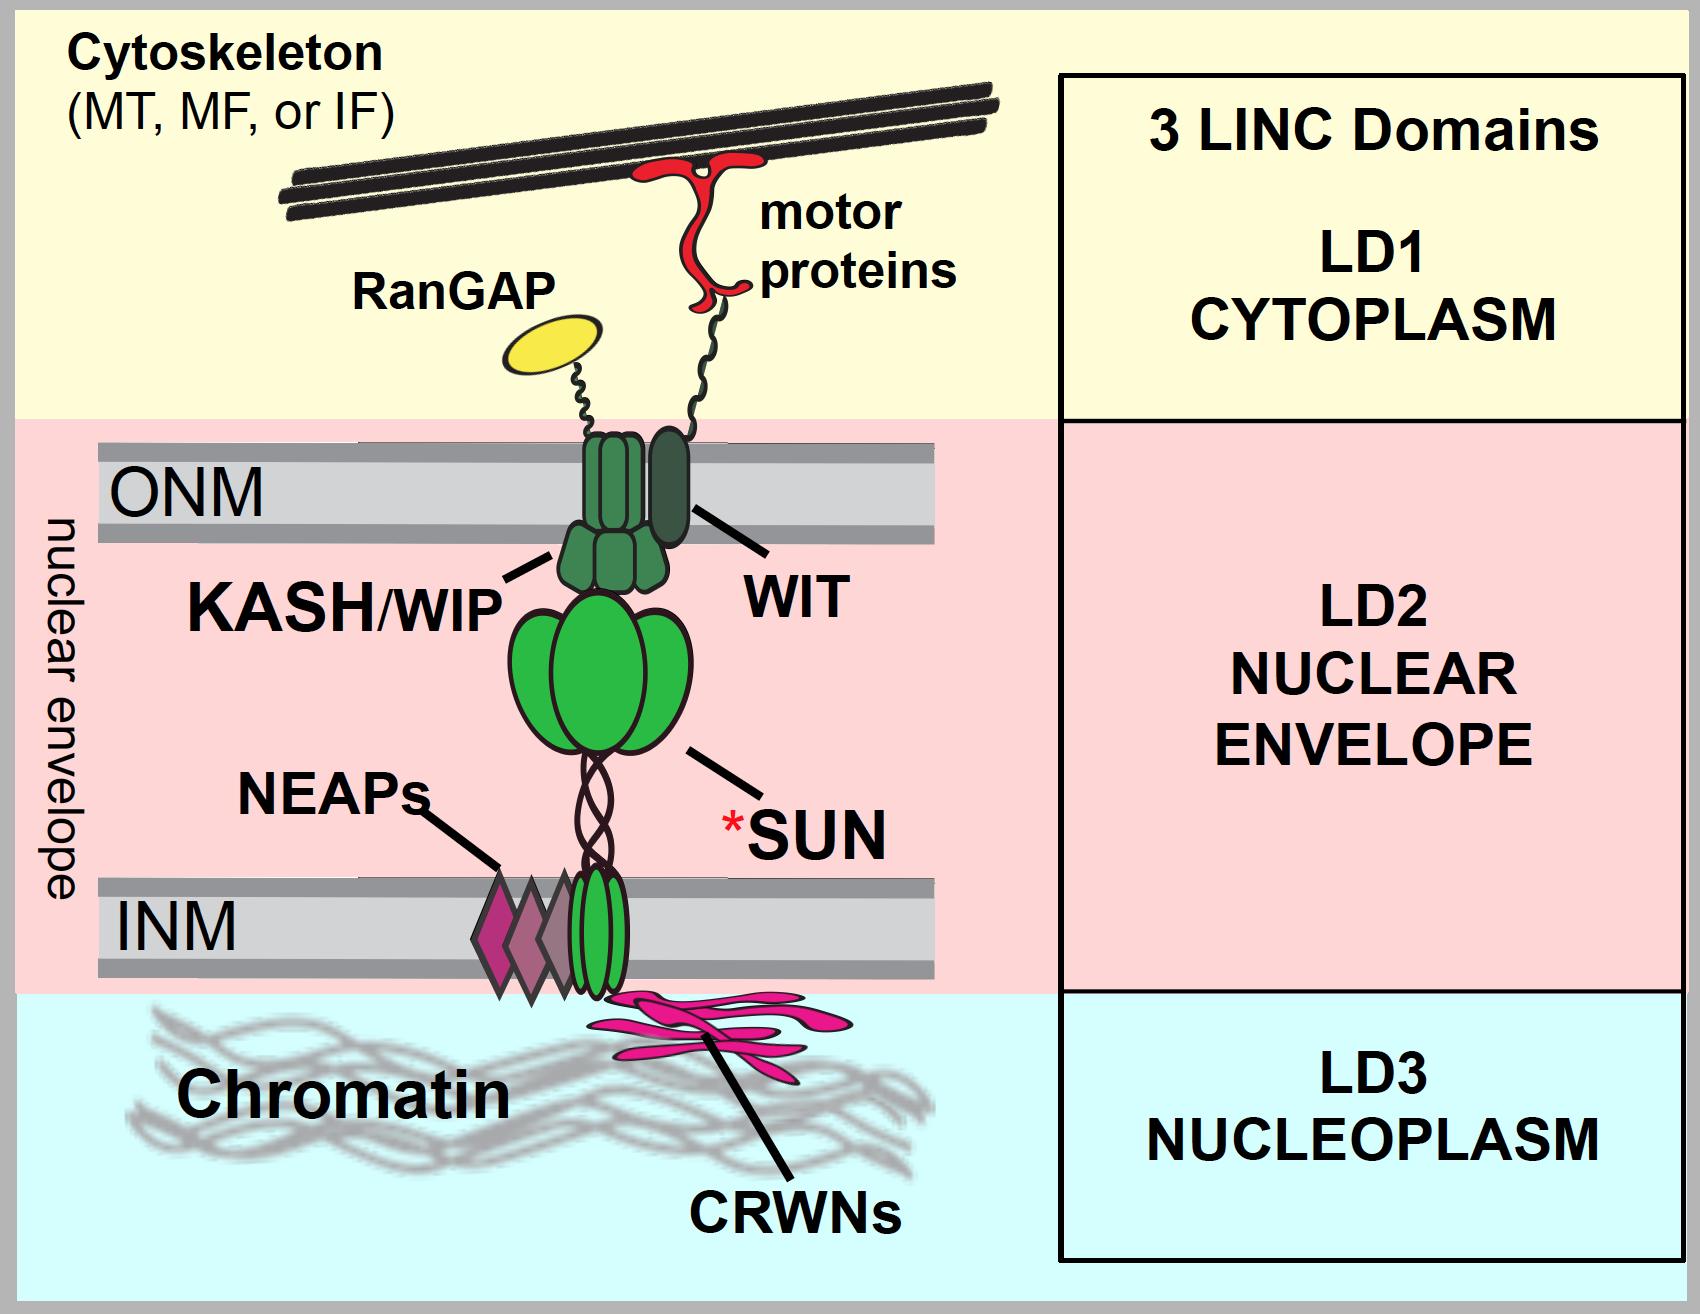 Working model of plant LINC complex (courtesy Hardeep Gumber & Allison Jevitt)